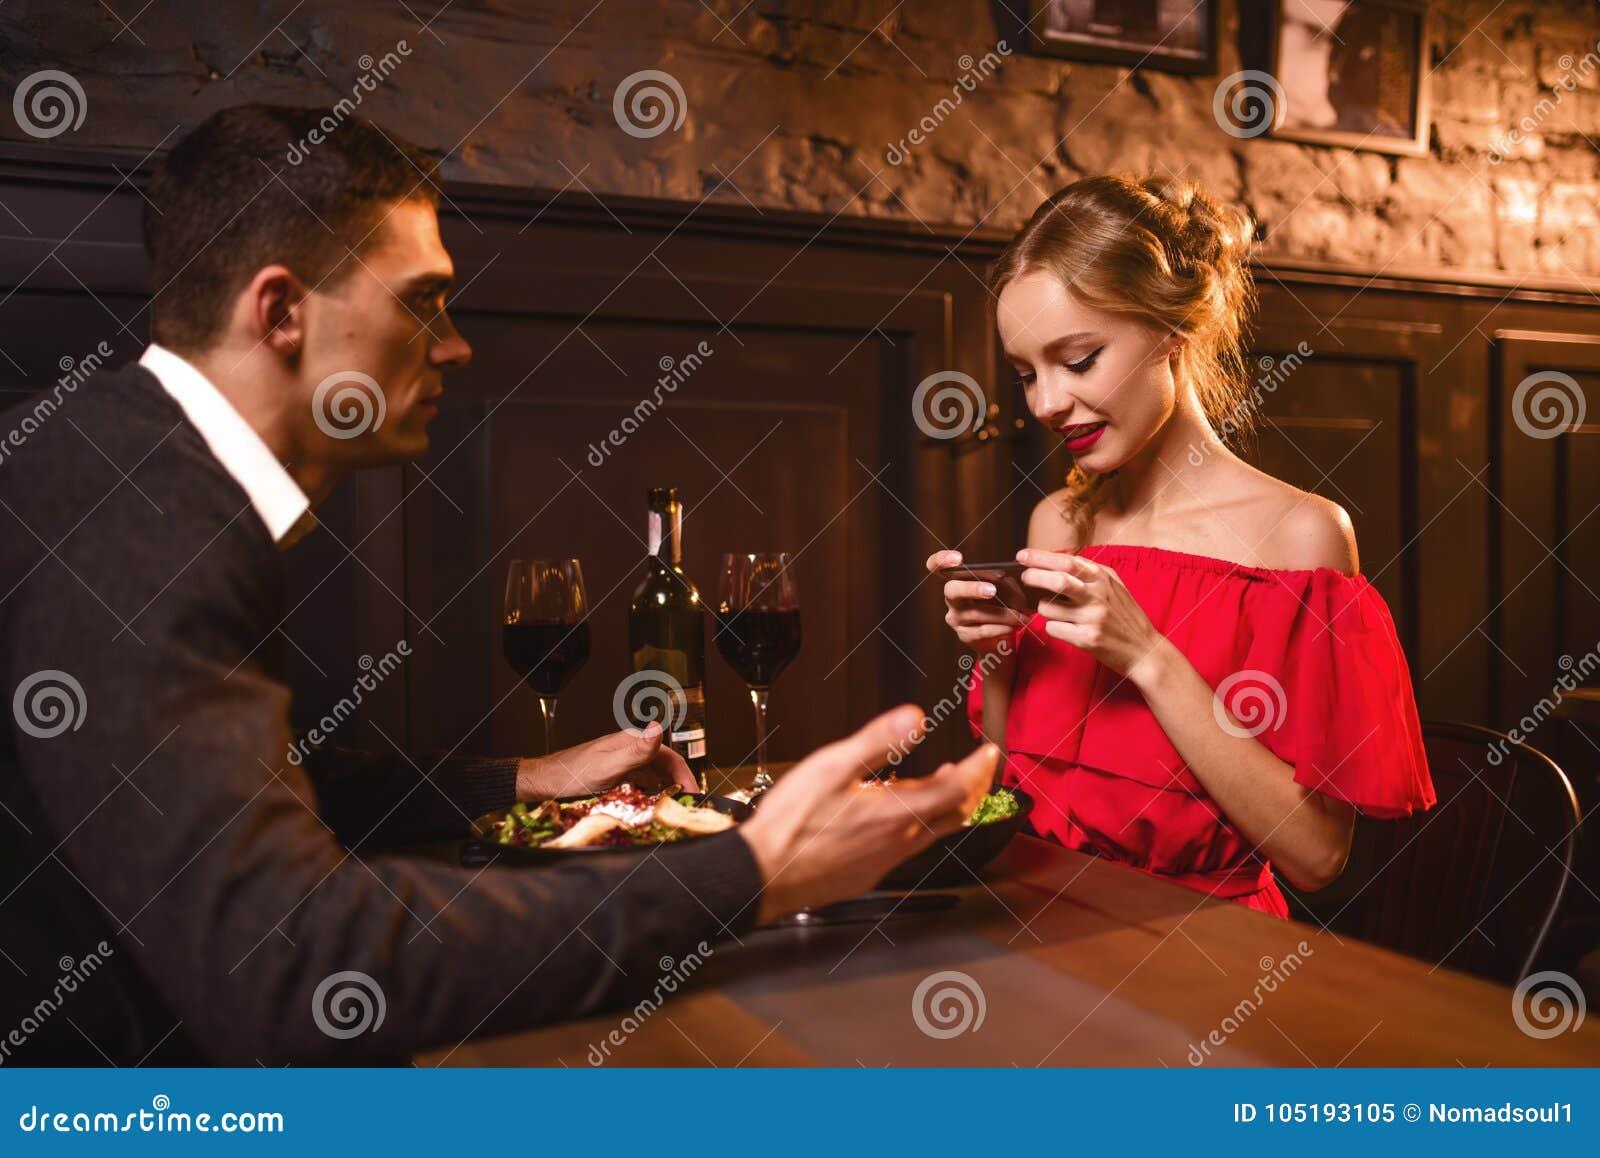 La femme dans la robe rouge fait l image de son homme au téléphone